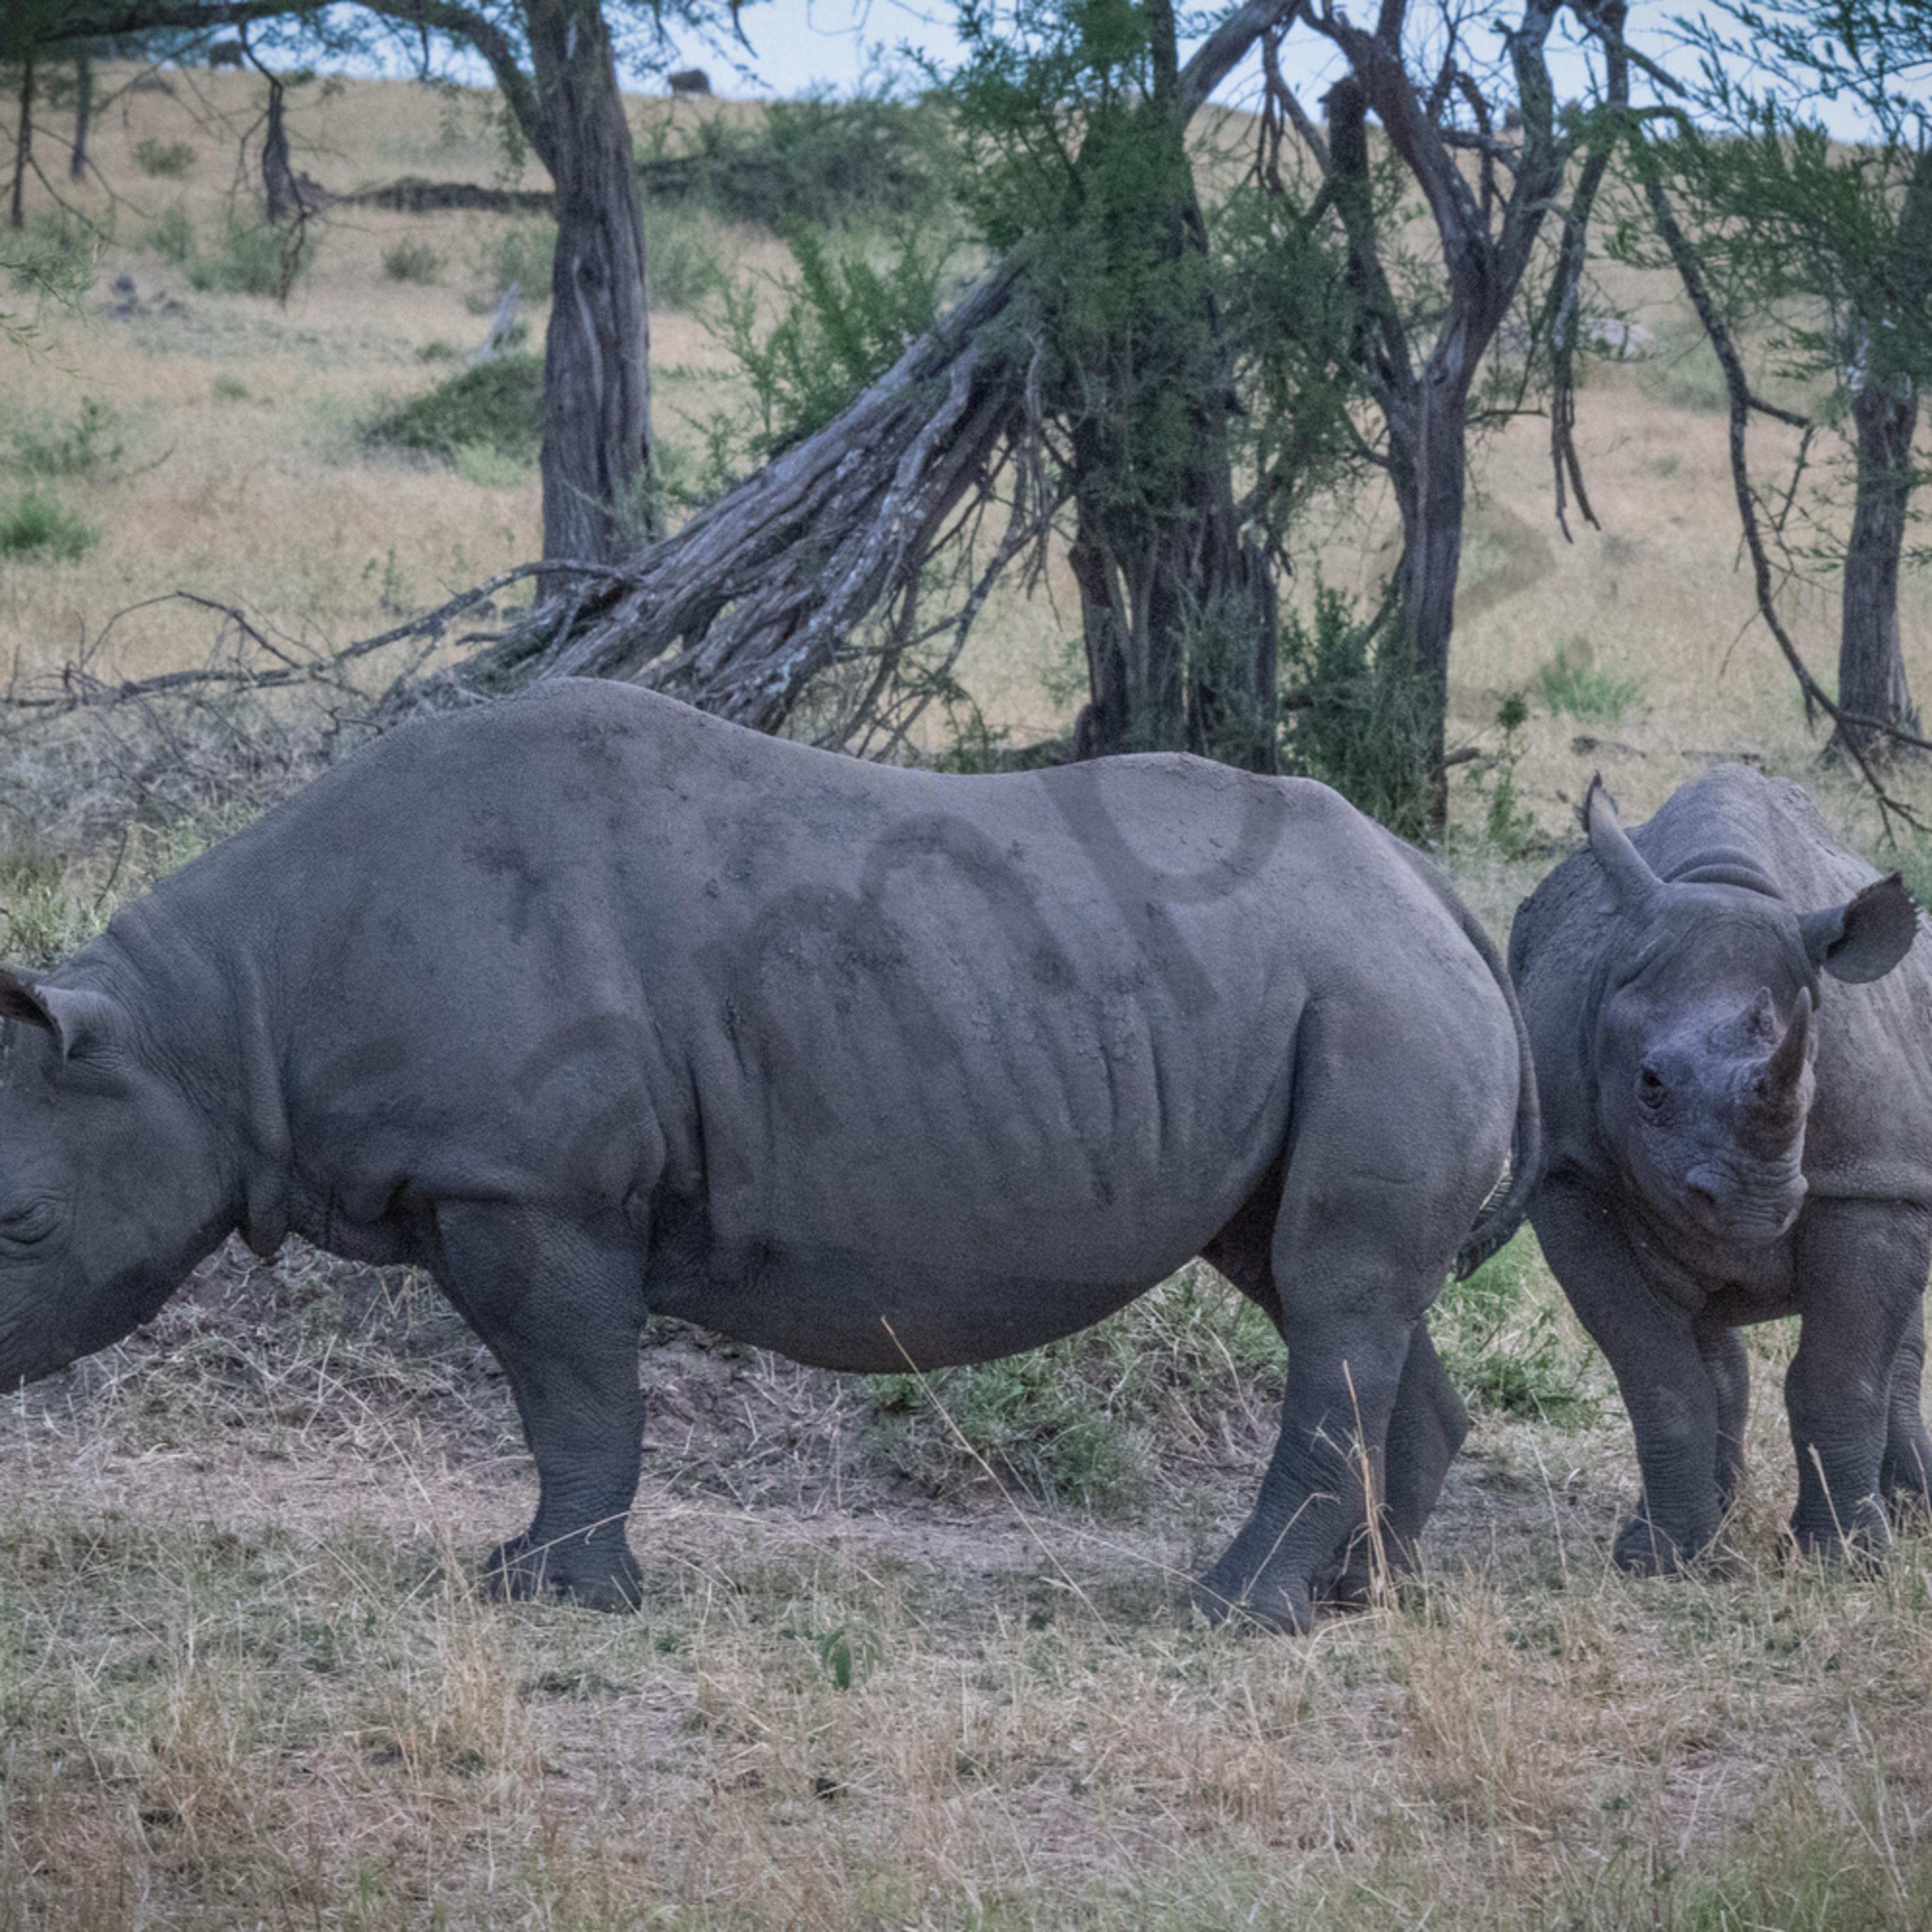 Jps black rhinos wdr4qu